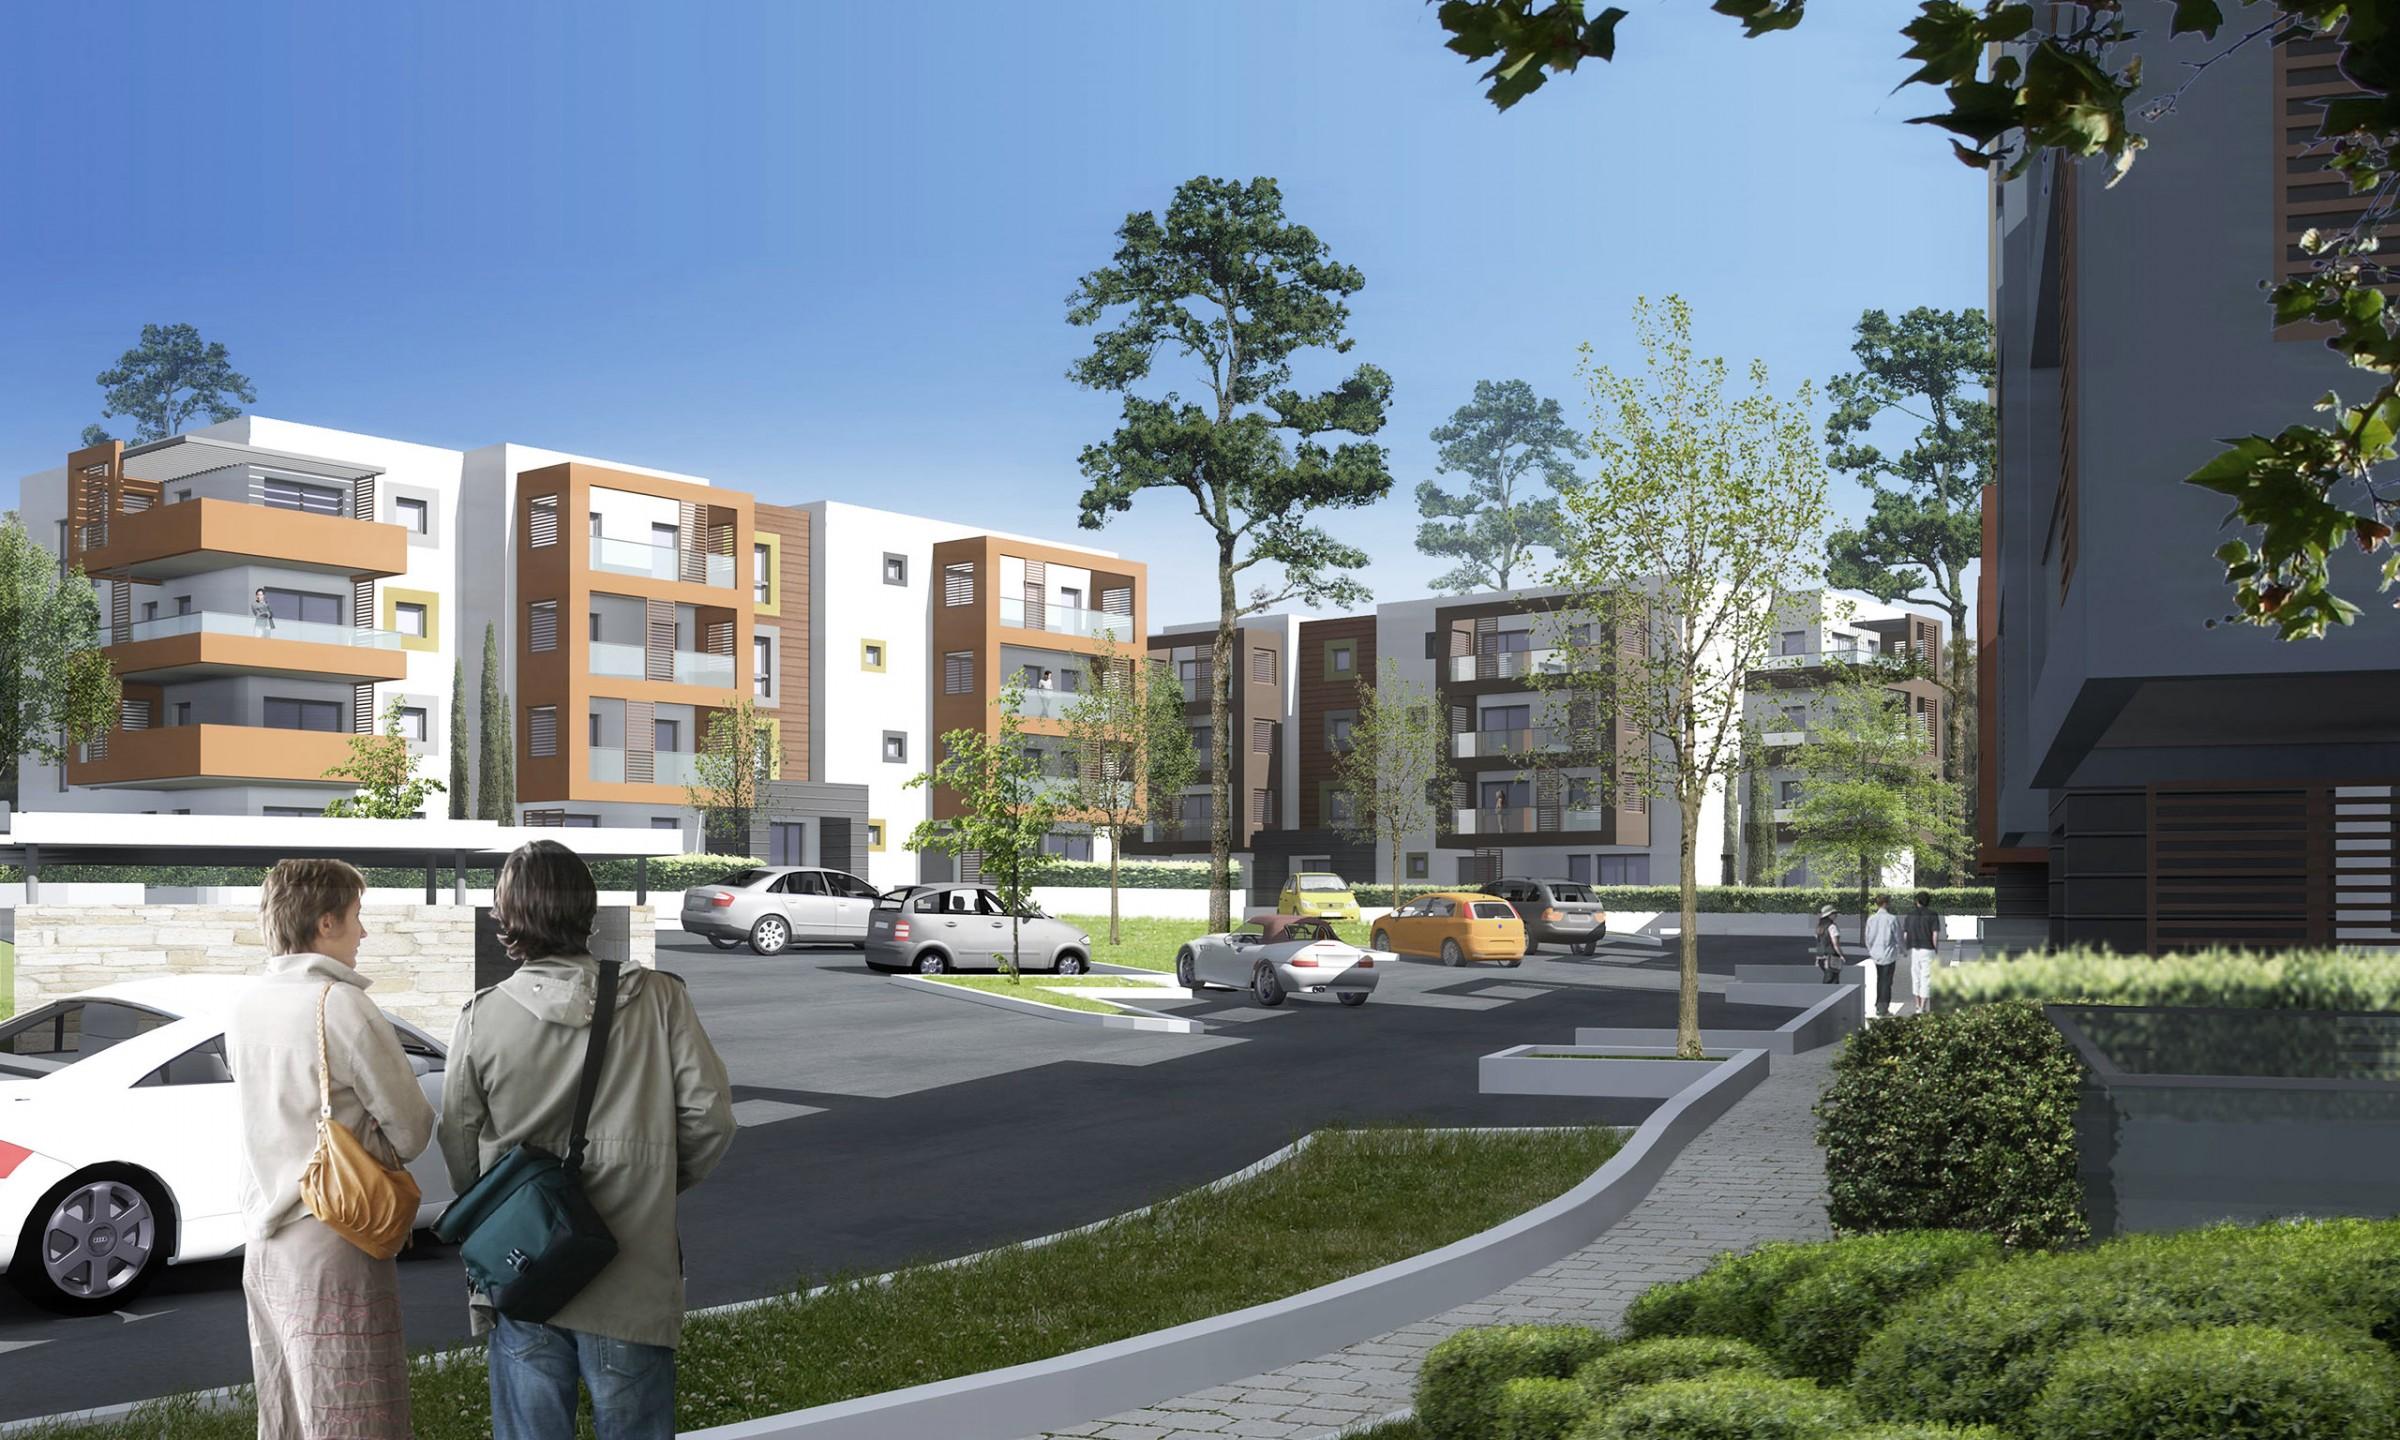 Les Parenques - 107 logements en accession collectifs / BBC - THPE